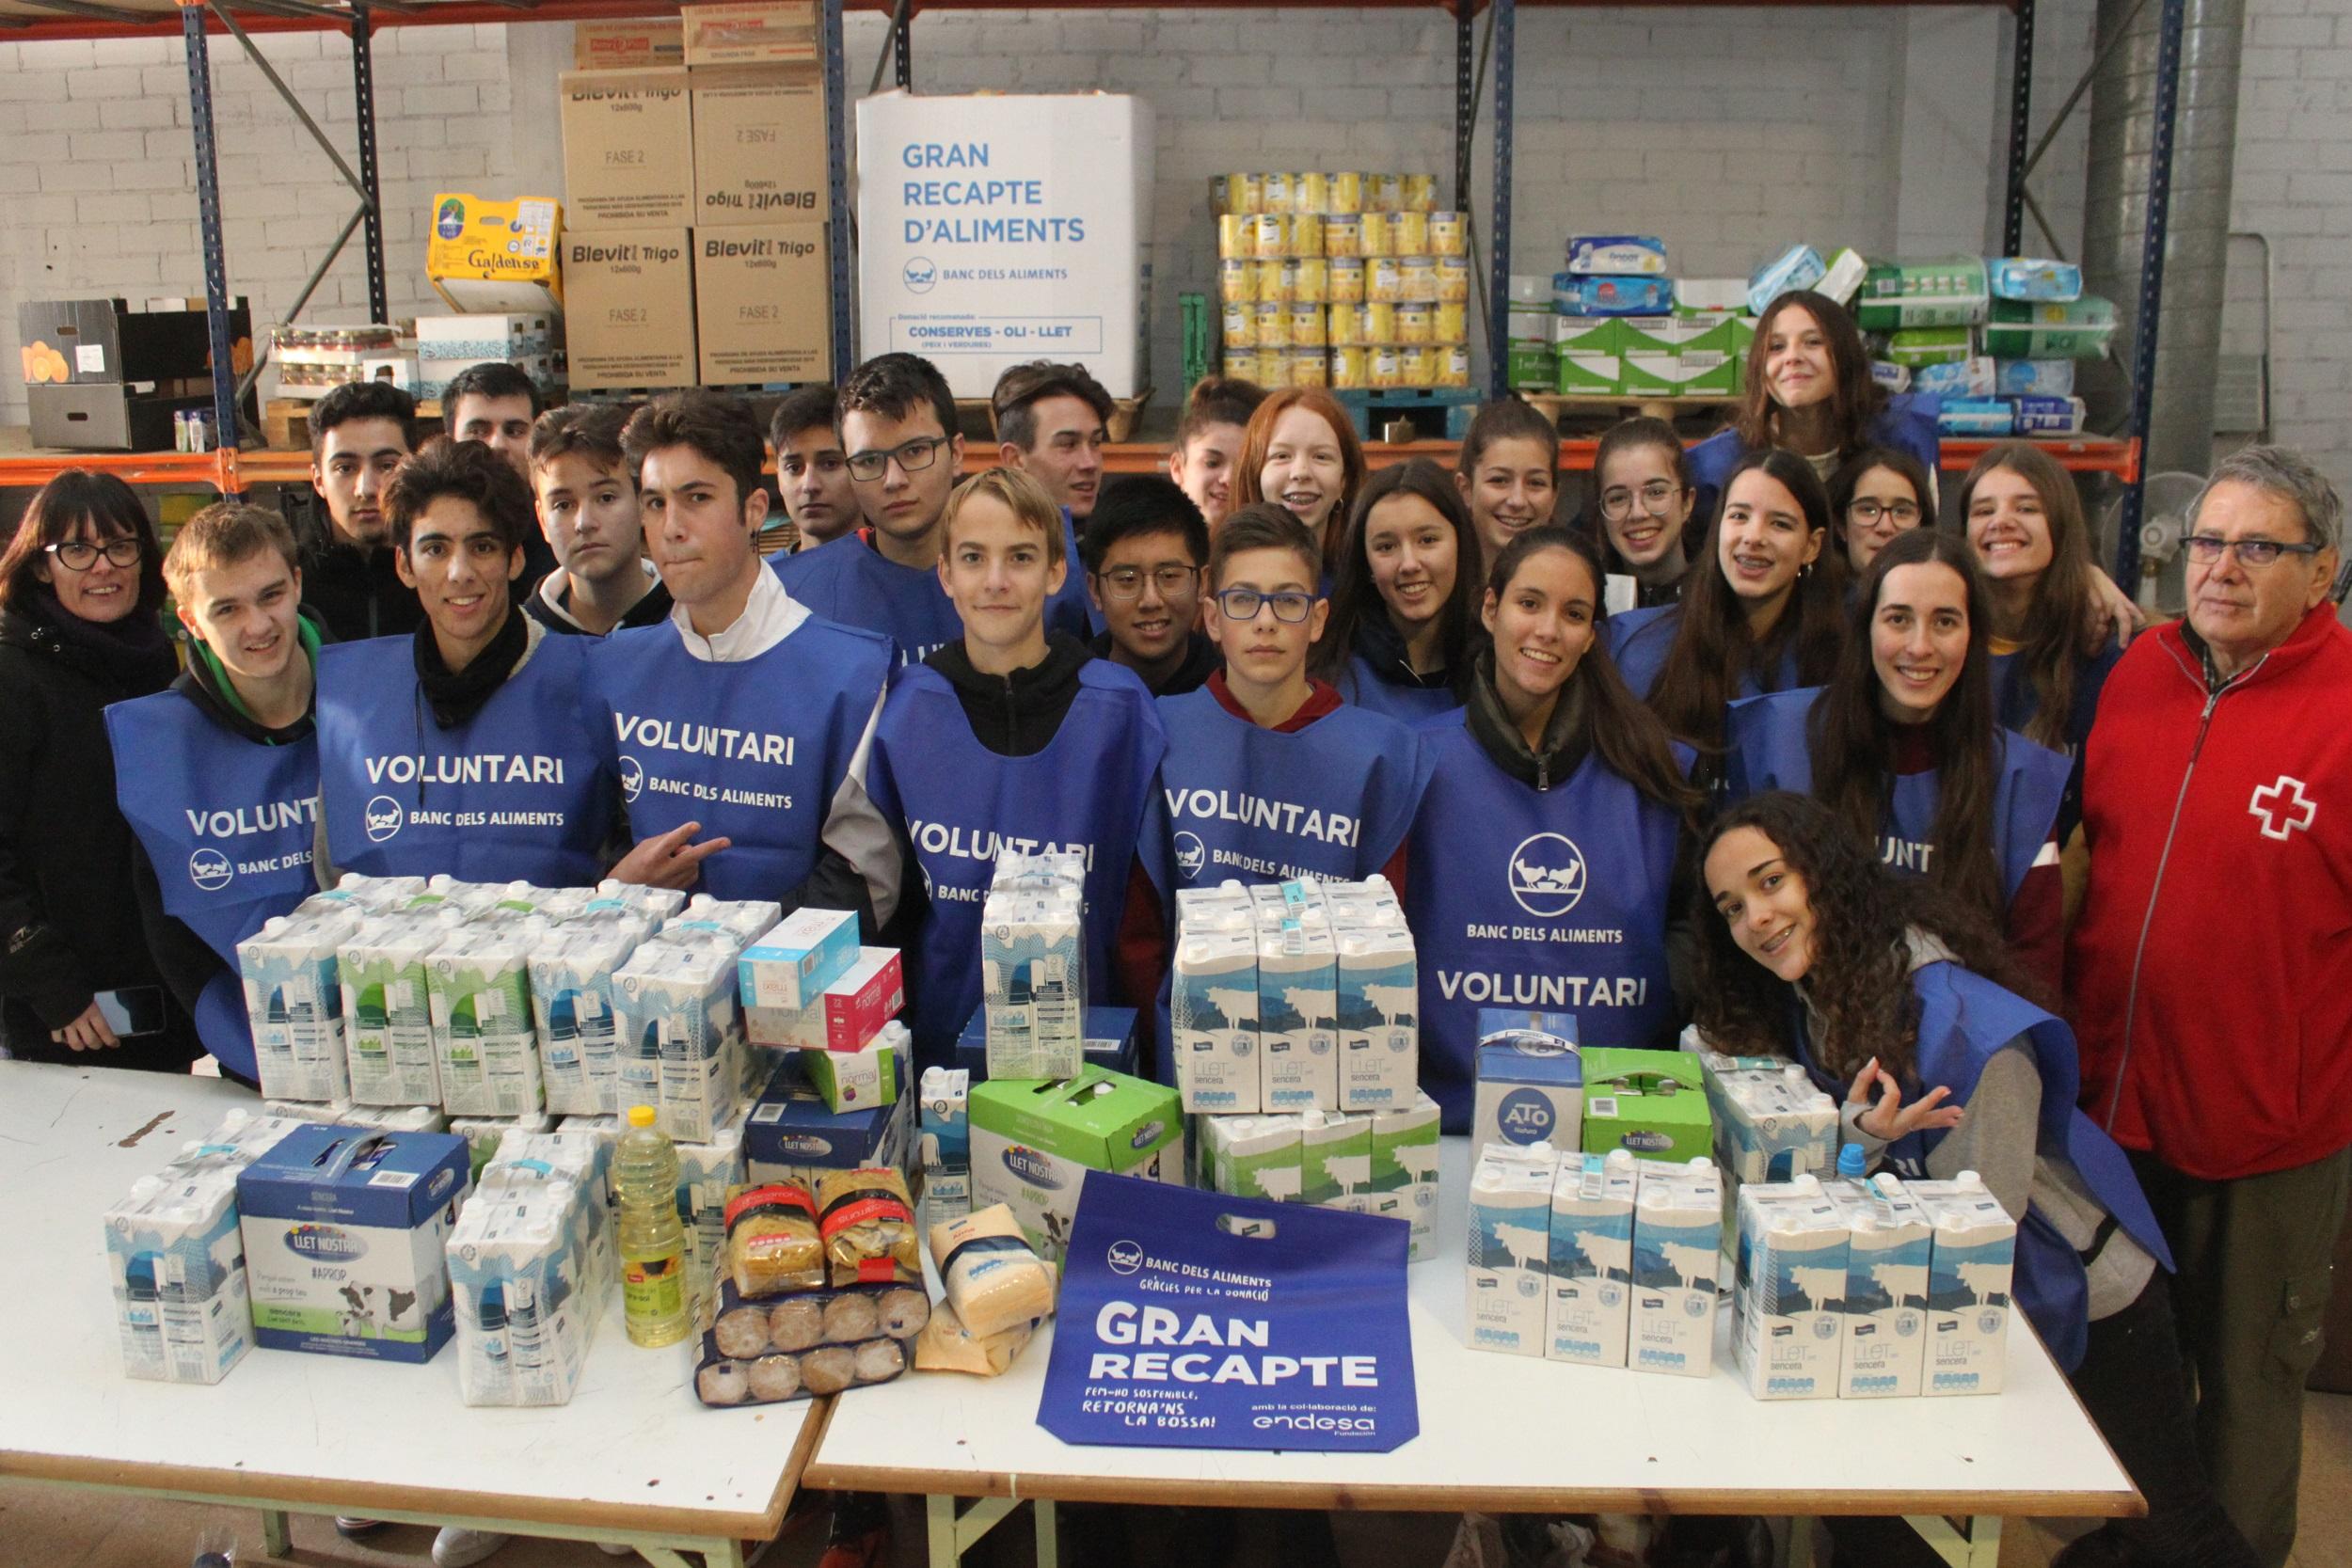 Tàrrega recull 18.300 quilos d'aliments i productes solidaris durant el Gran Recapte